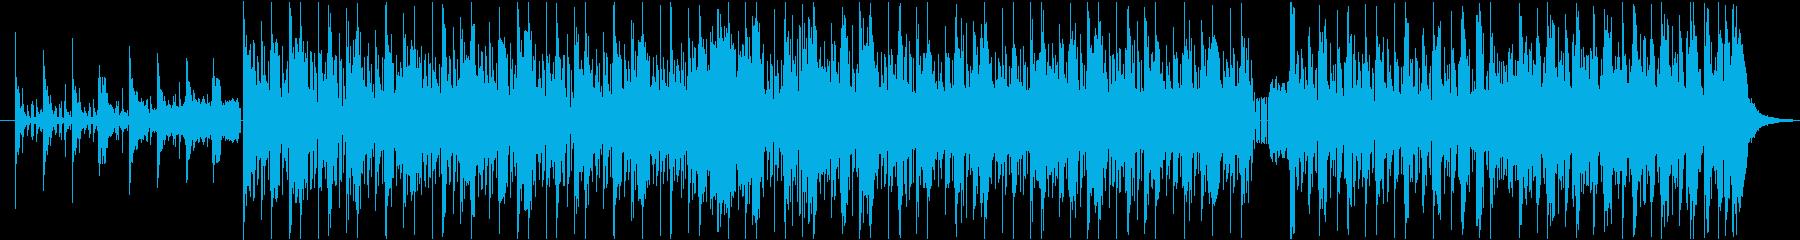 ホーンとギターの絡むヒップホップビートの再生済みの波形